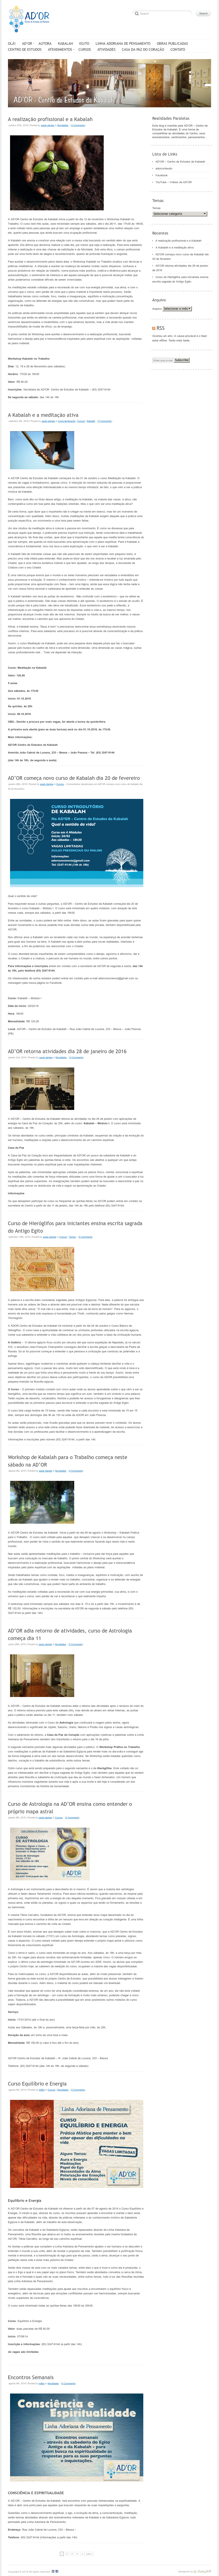 Ador - Centro De Estudos Da Kabalah Competitors, Revenue and